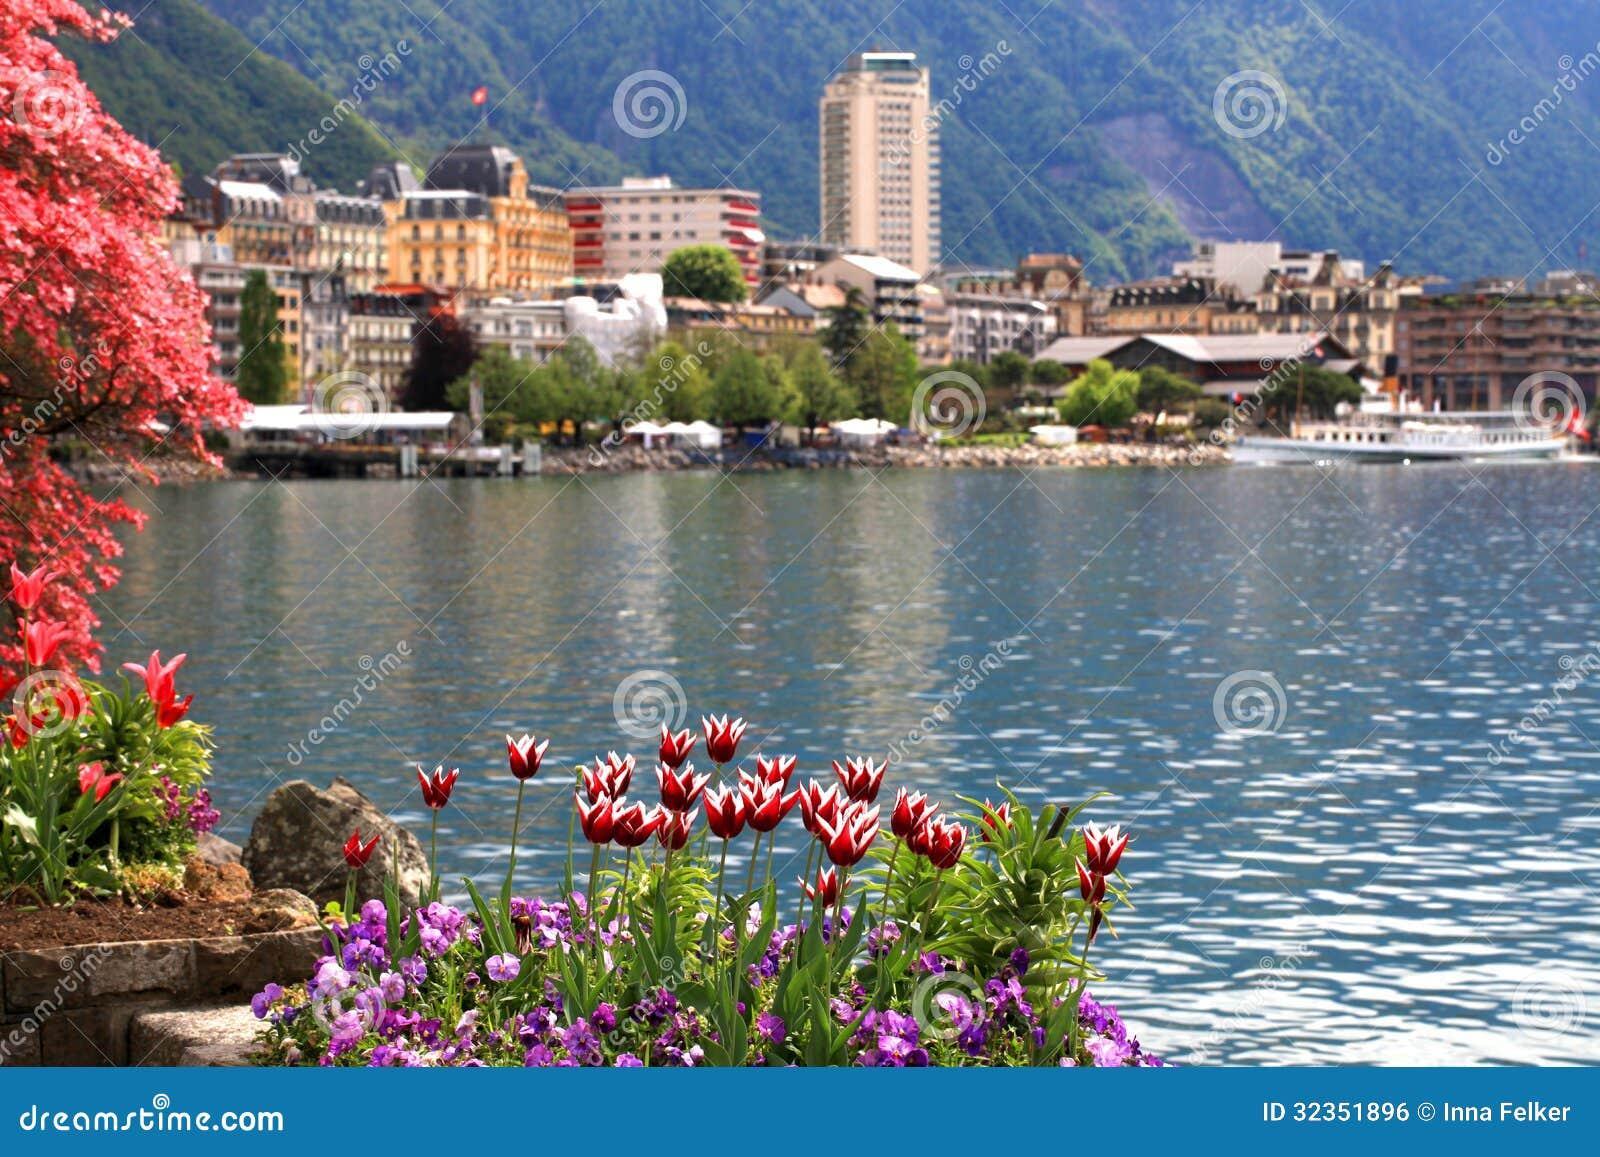 How Far Is Lake Geneva From Geneva City Centre